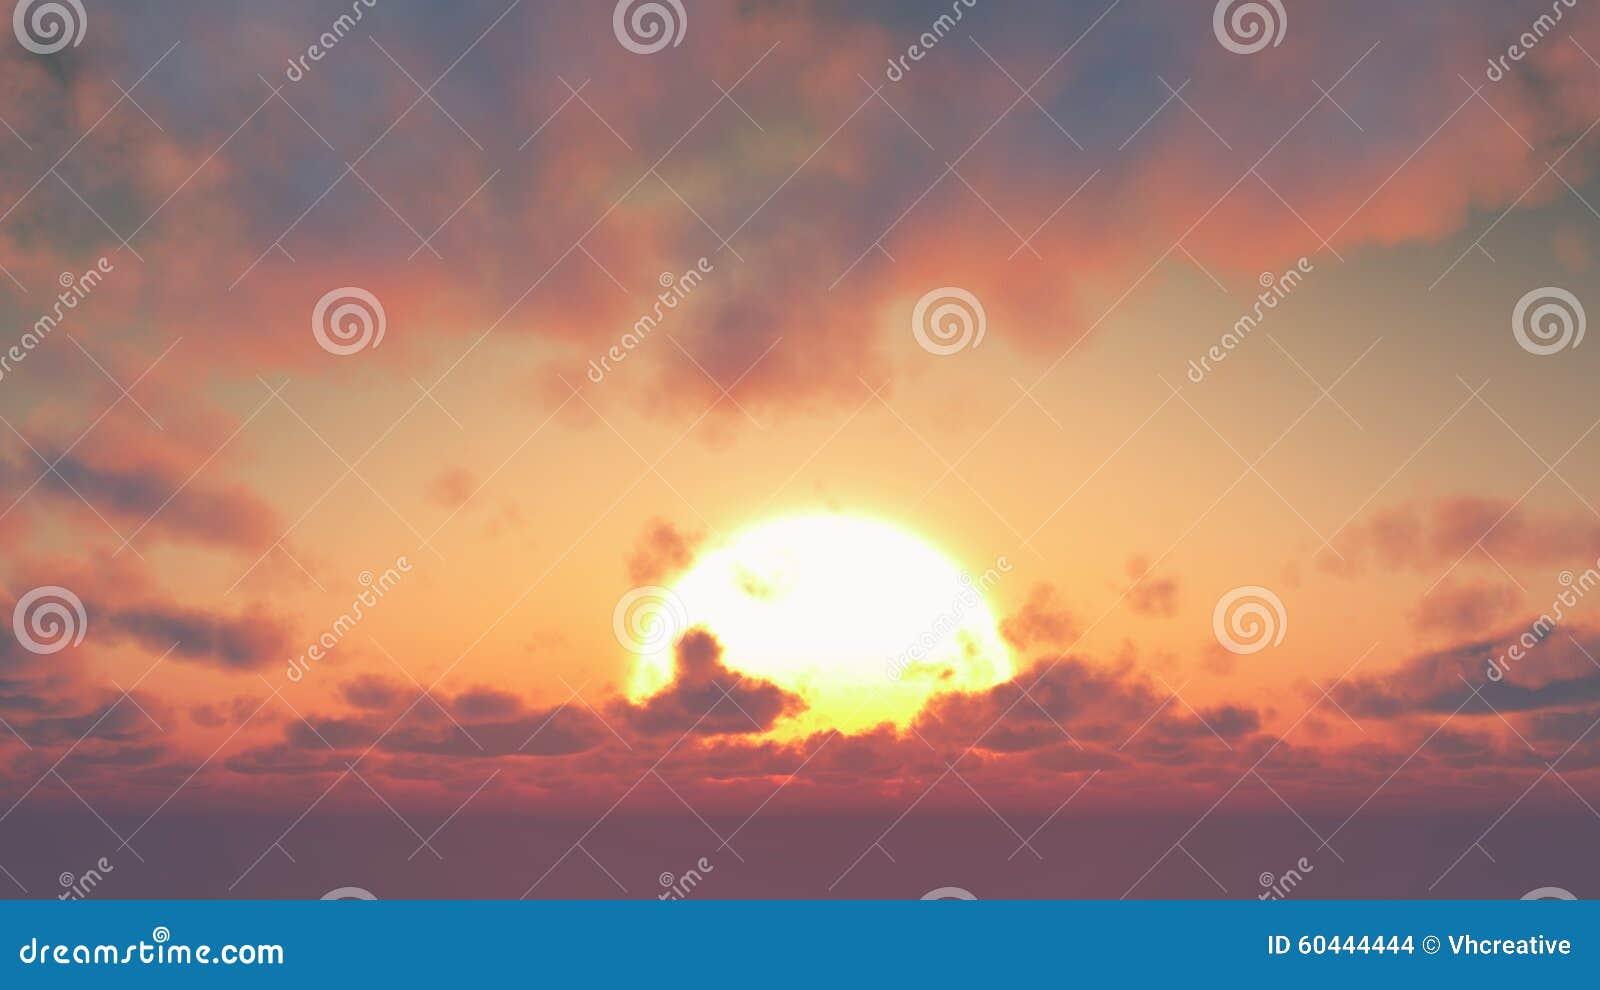 Sunset - big sun and cumulus clouds